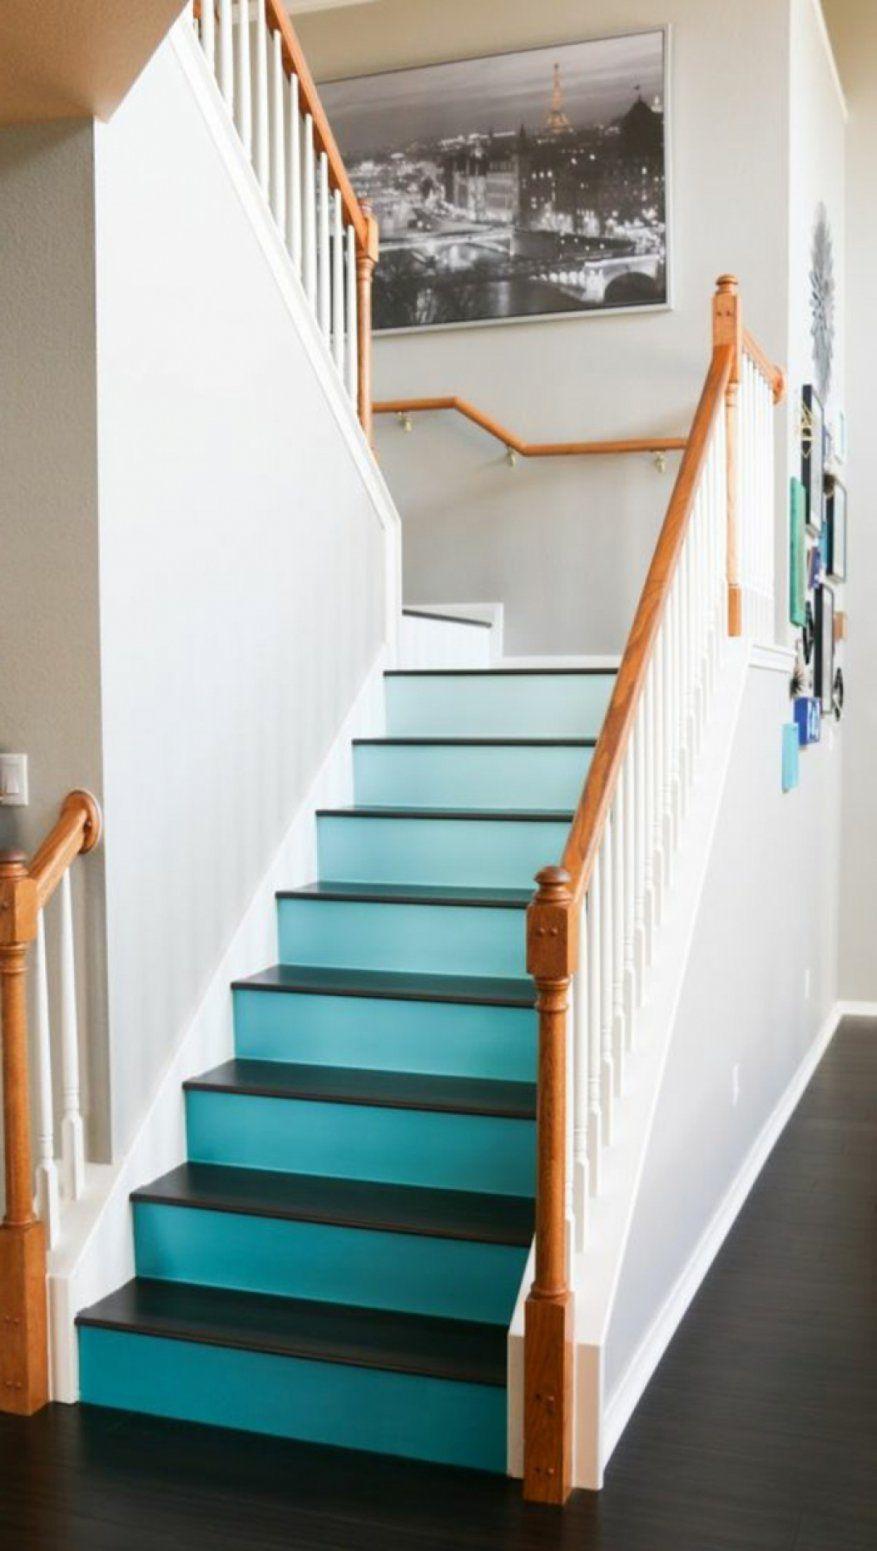 Neu hifi rack selber bauen ideen von hifi regal selber for Holztreppe streichen farbe